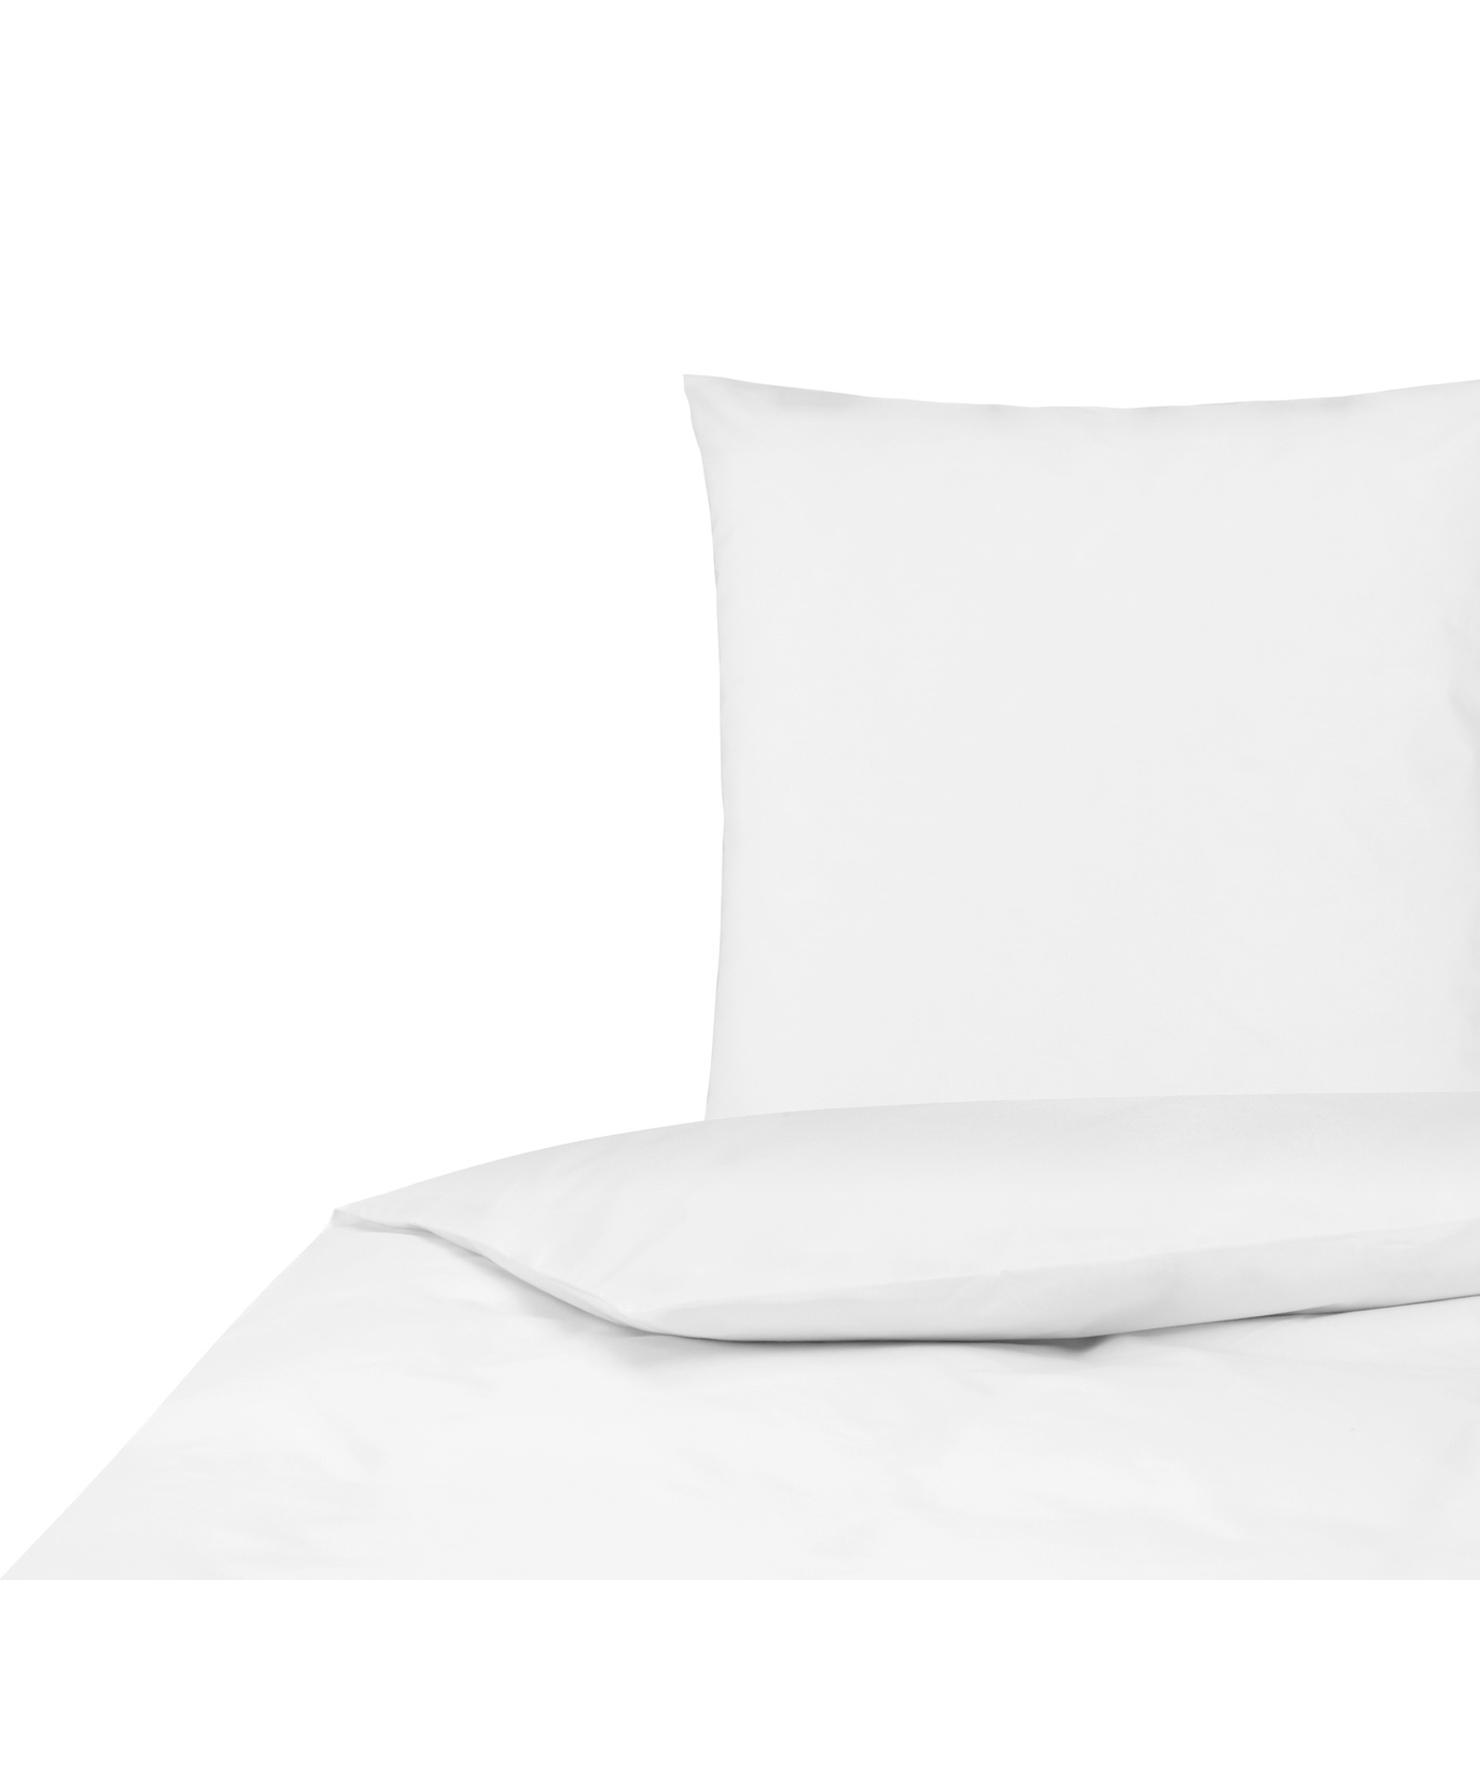 Parure copripiumino in percalle Elsie, Tessuto: percalle Densità del filo, Bianco, 155 x 200 cm